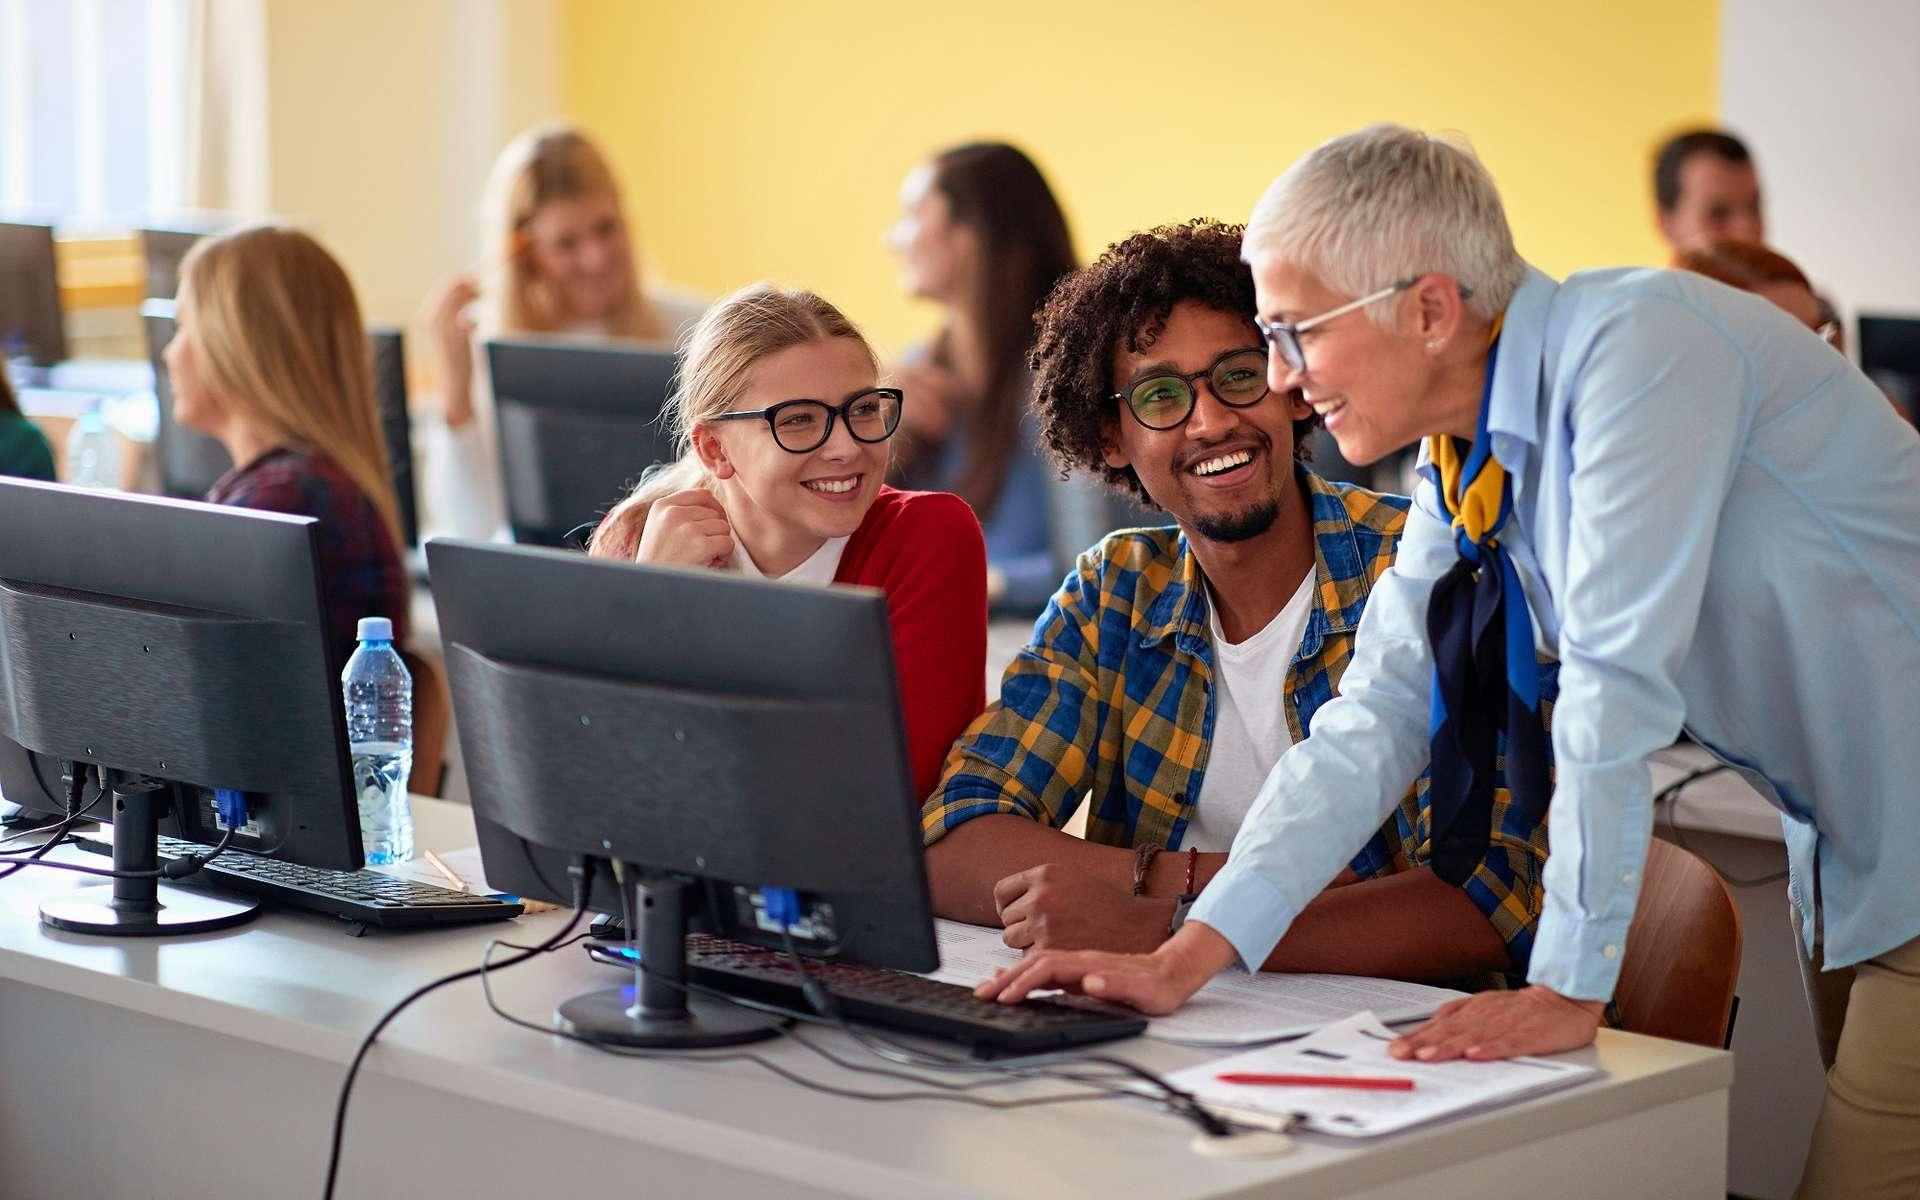 L'informatique offre une panoplie de métiers dans tous les secteurs d'activités garantissant une embauche rapide pour les étudiants en informatique. © luckybusiness, Adobe Stock.